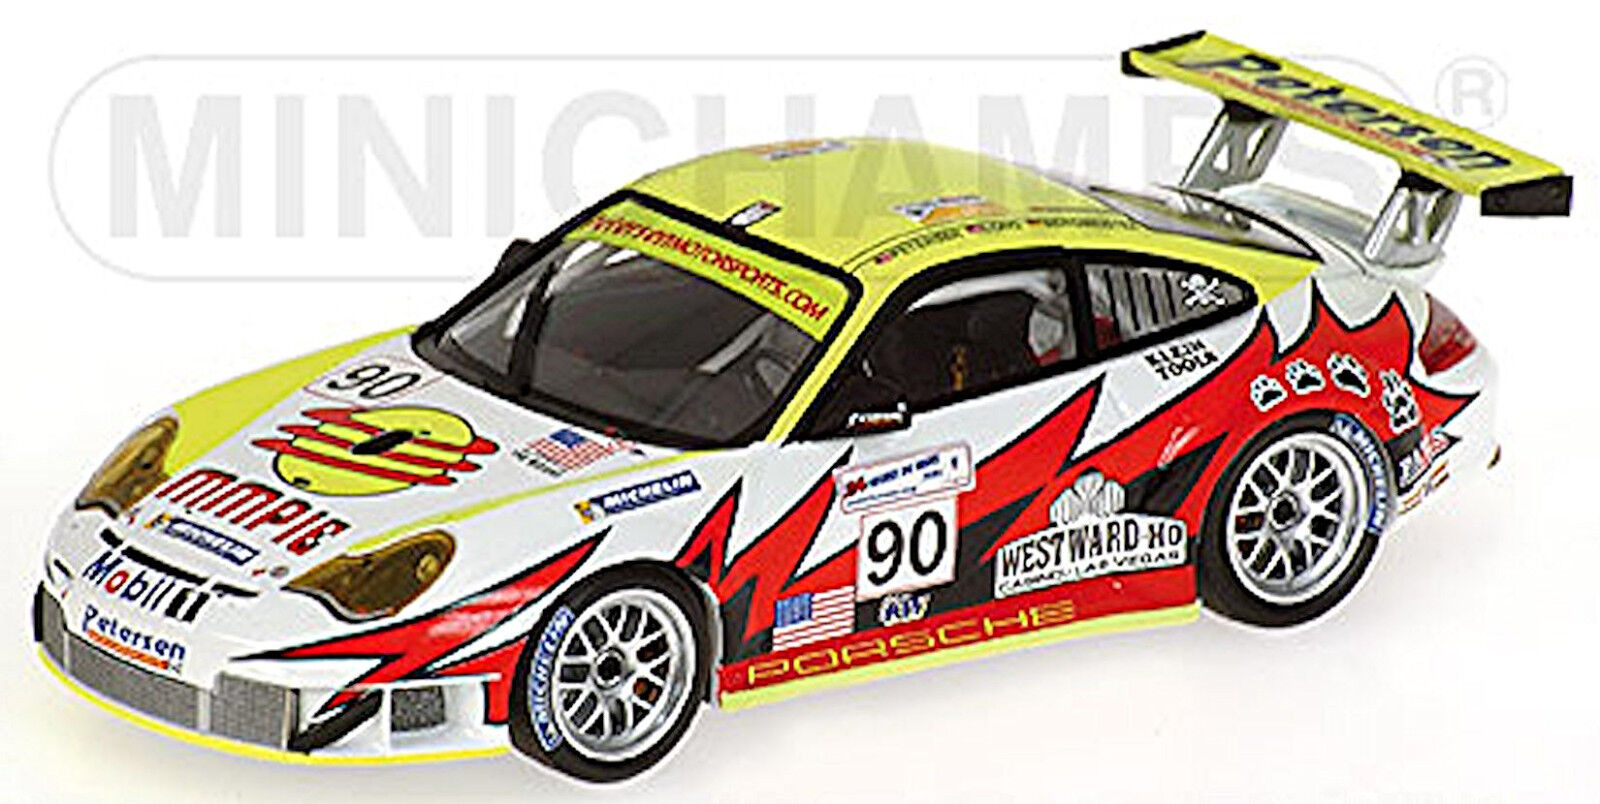 mejor calidad Porsche 911 GT3 Rs 24h Le Mans 2005 Bergmeister Largo Largo Largo Bernard  90 1 43  Envío y cambio gratis.